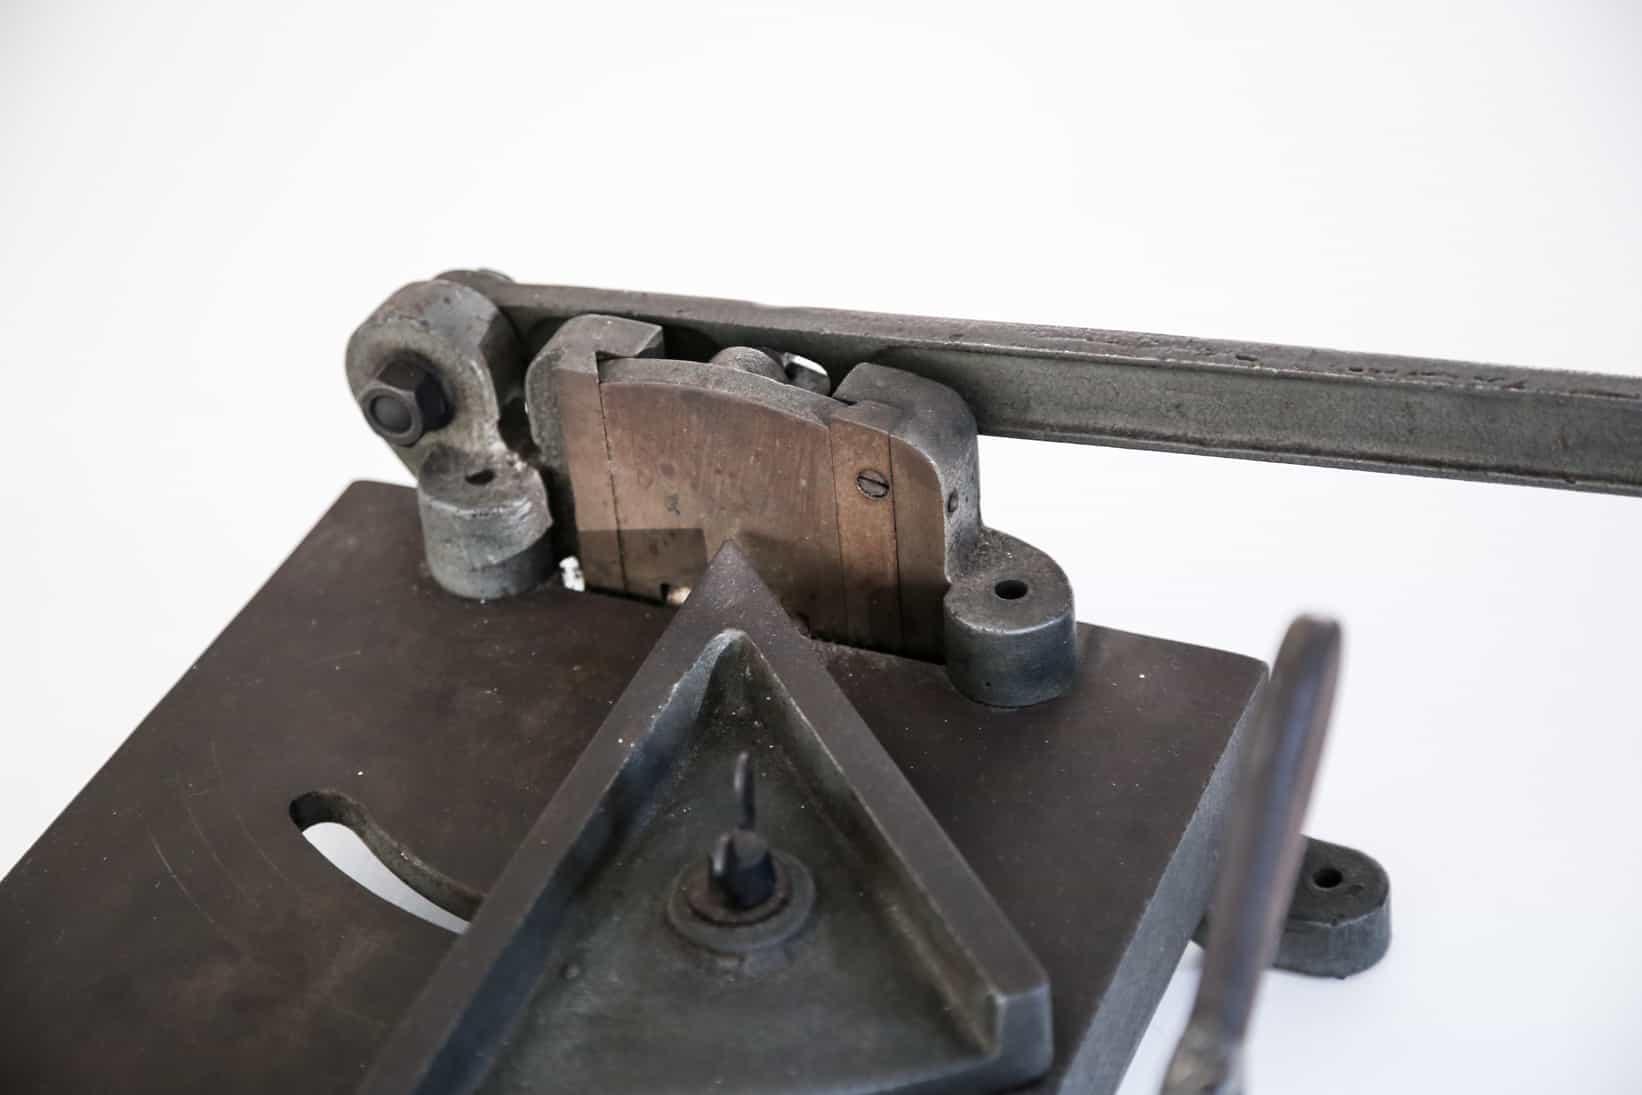 Taglierina lastre di piombo, dett punto di taglio. Museo, Tipografia Unione, Vicenza.